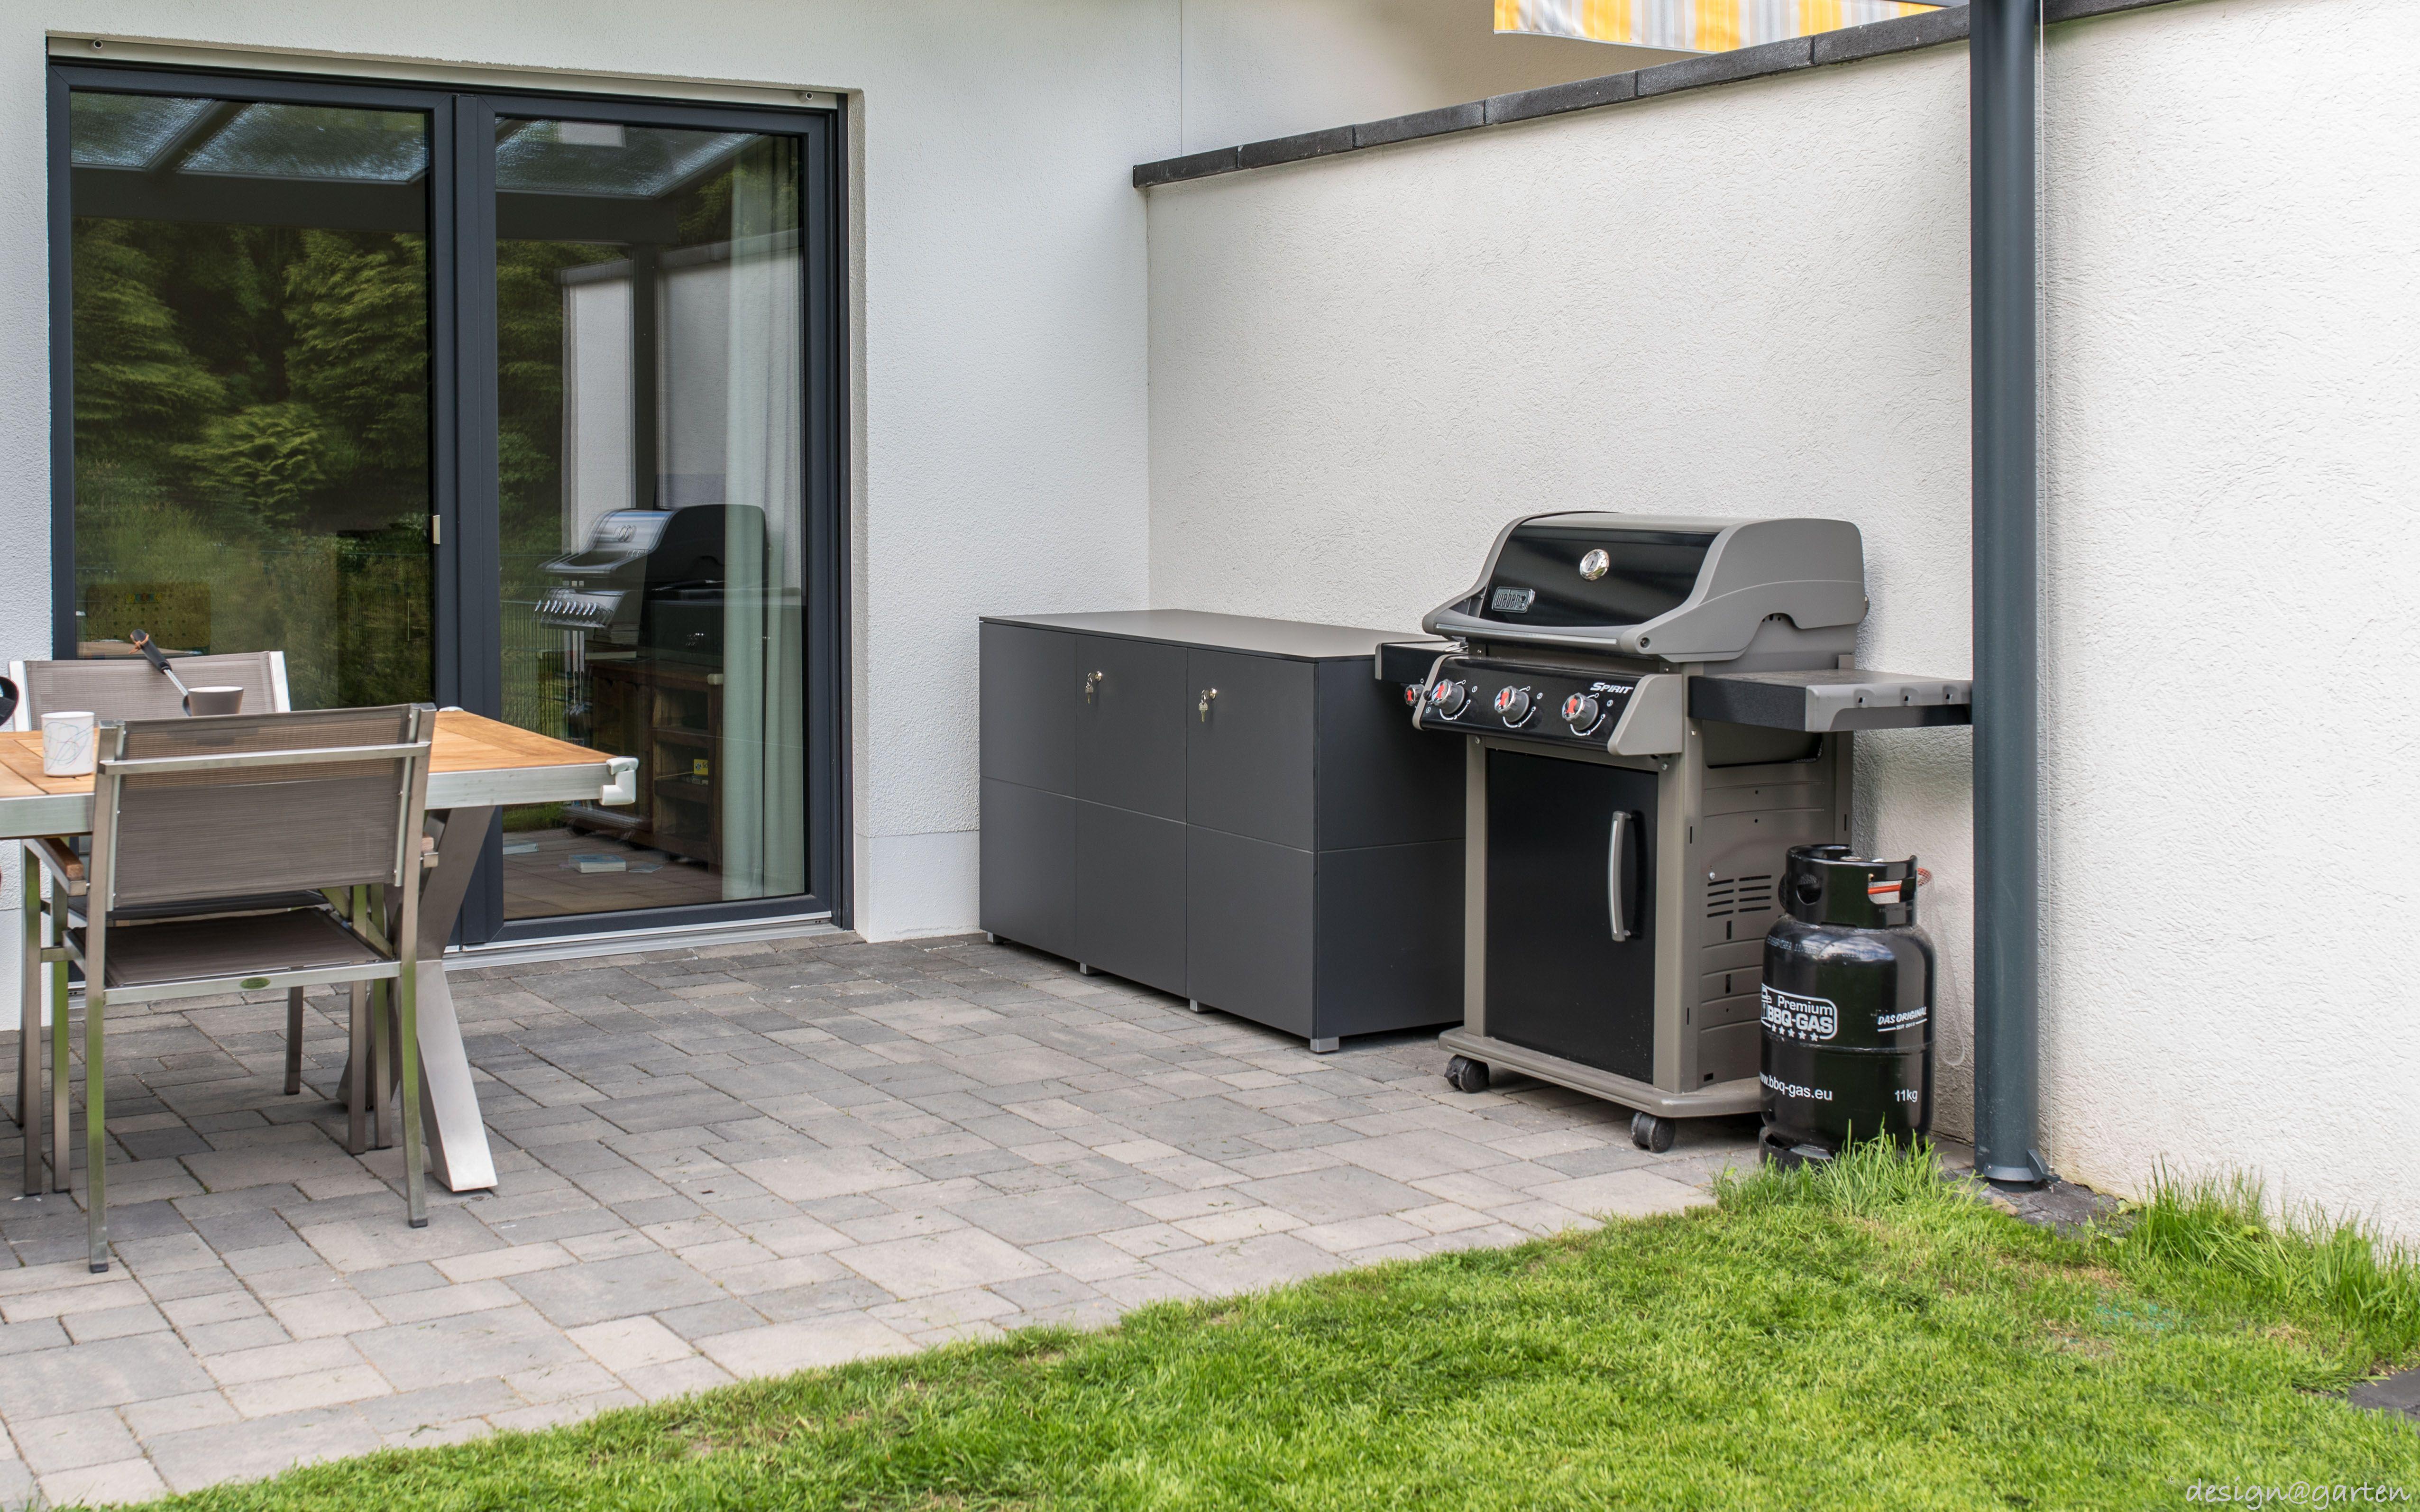 Terrassenschrank Balkonschrank Win By Design Garten Augsburg Wetterfest Uv Bestandig Terrassenschrank Balkonschran Gartenschrank Balkonschrank Garten